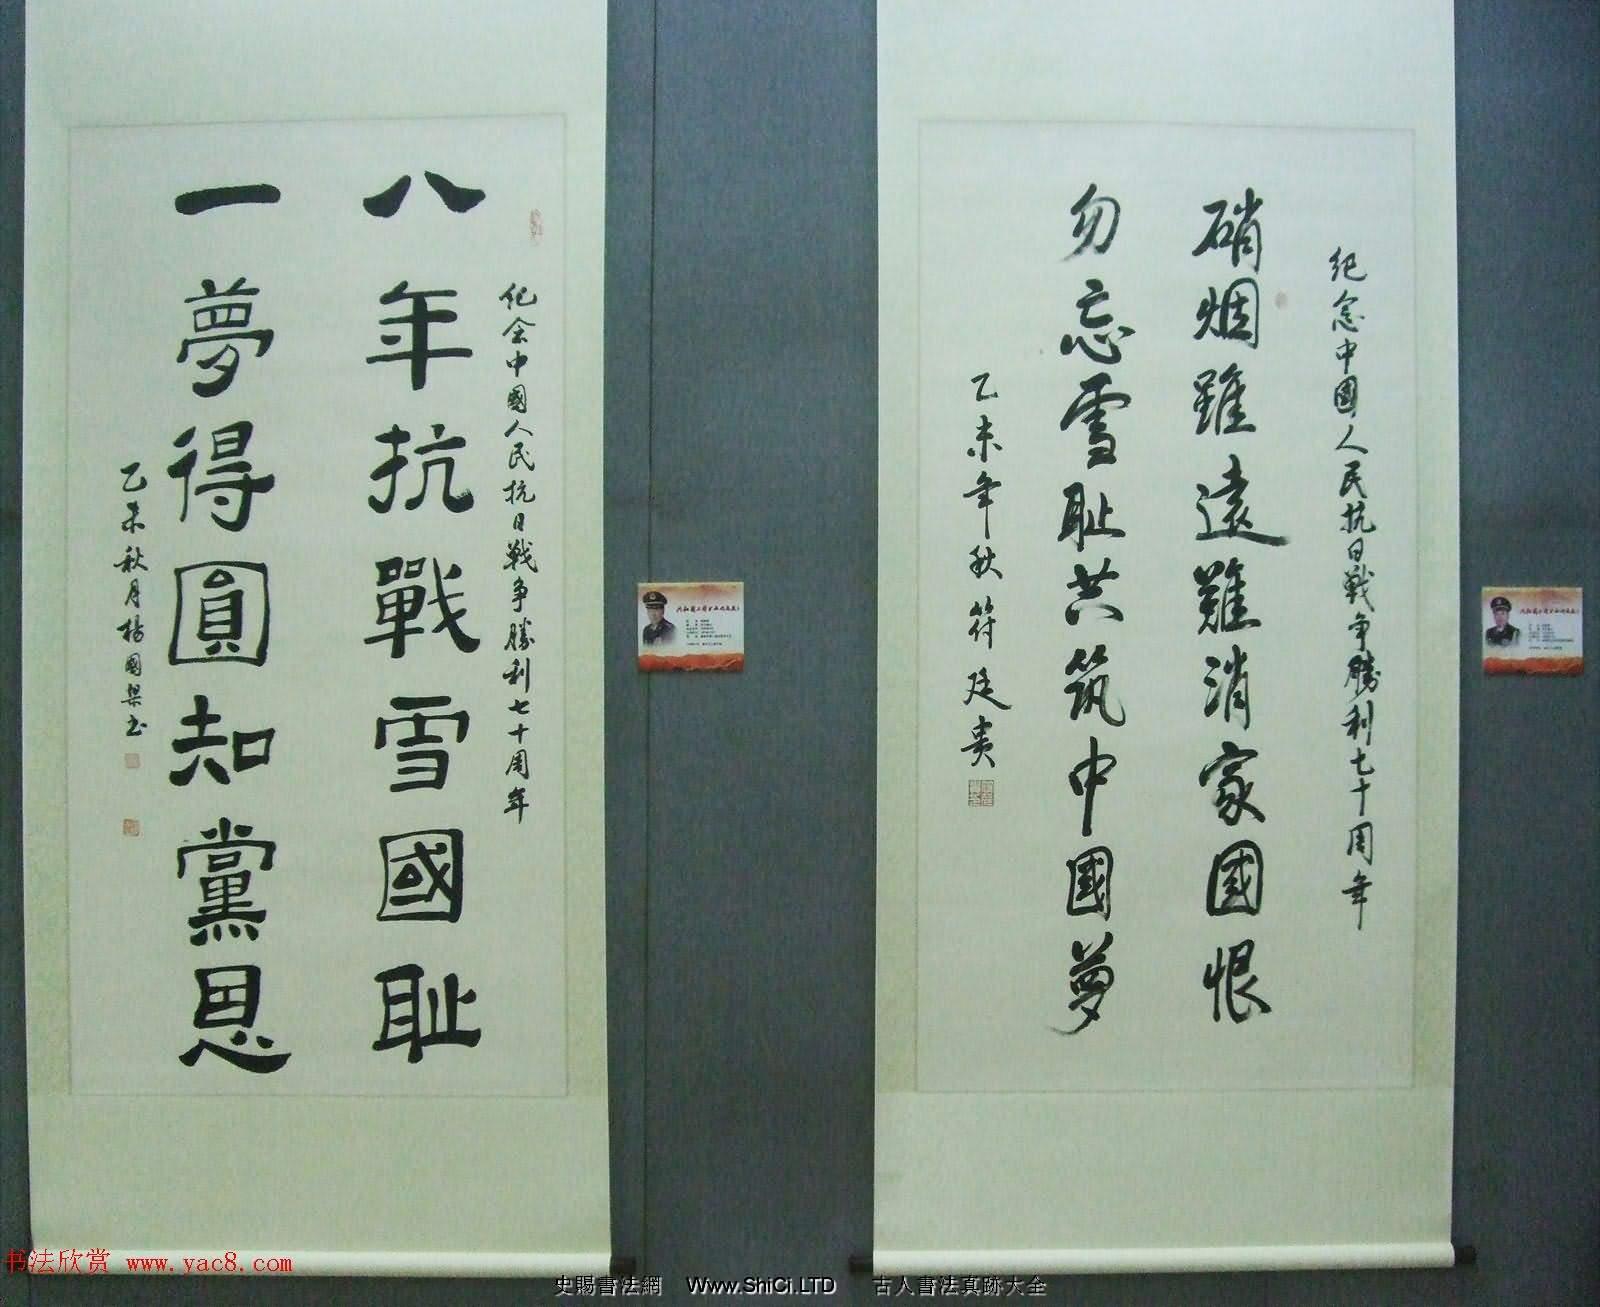 首屆共和國上將書畫作品展選刊及名家賀展作品